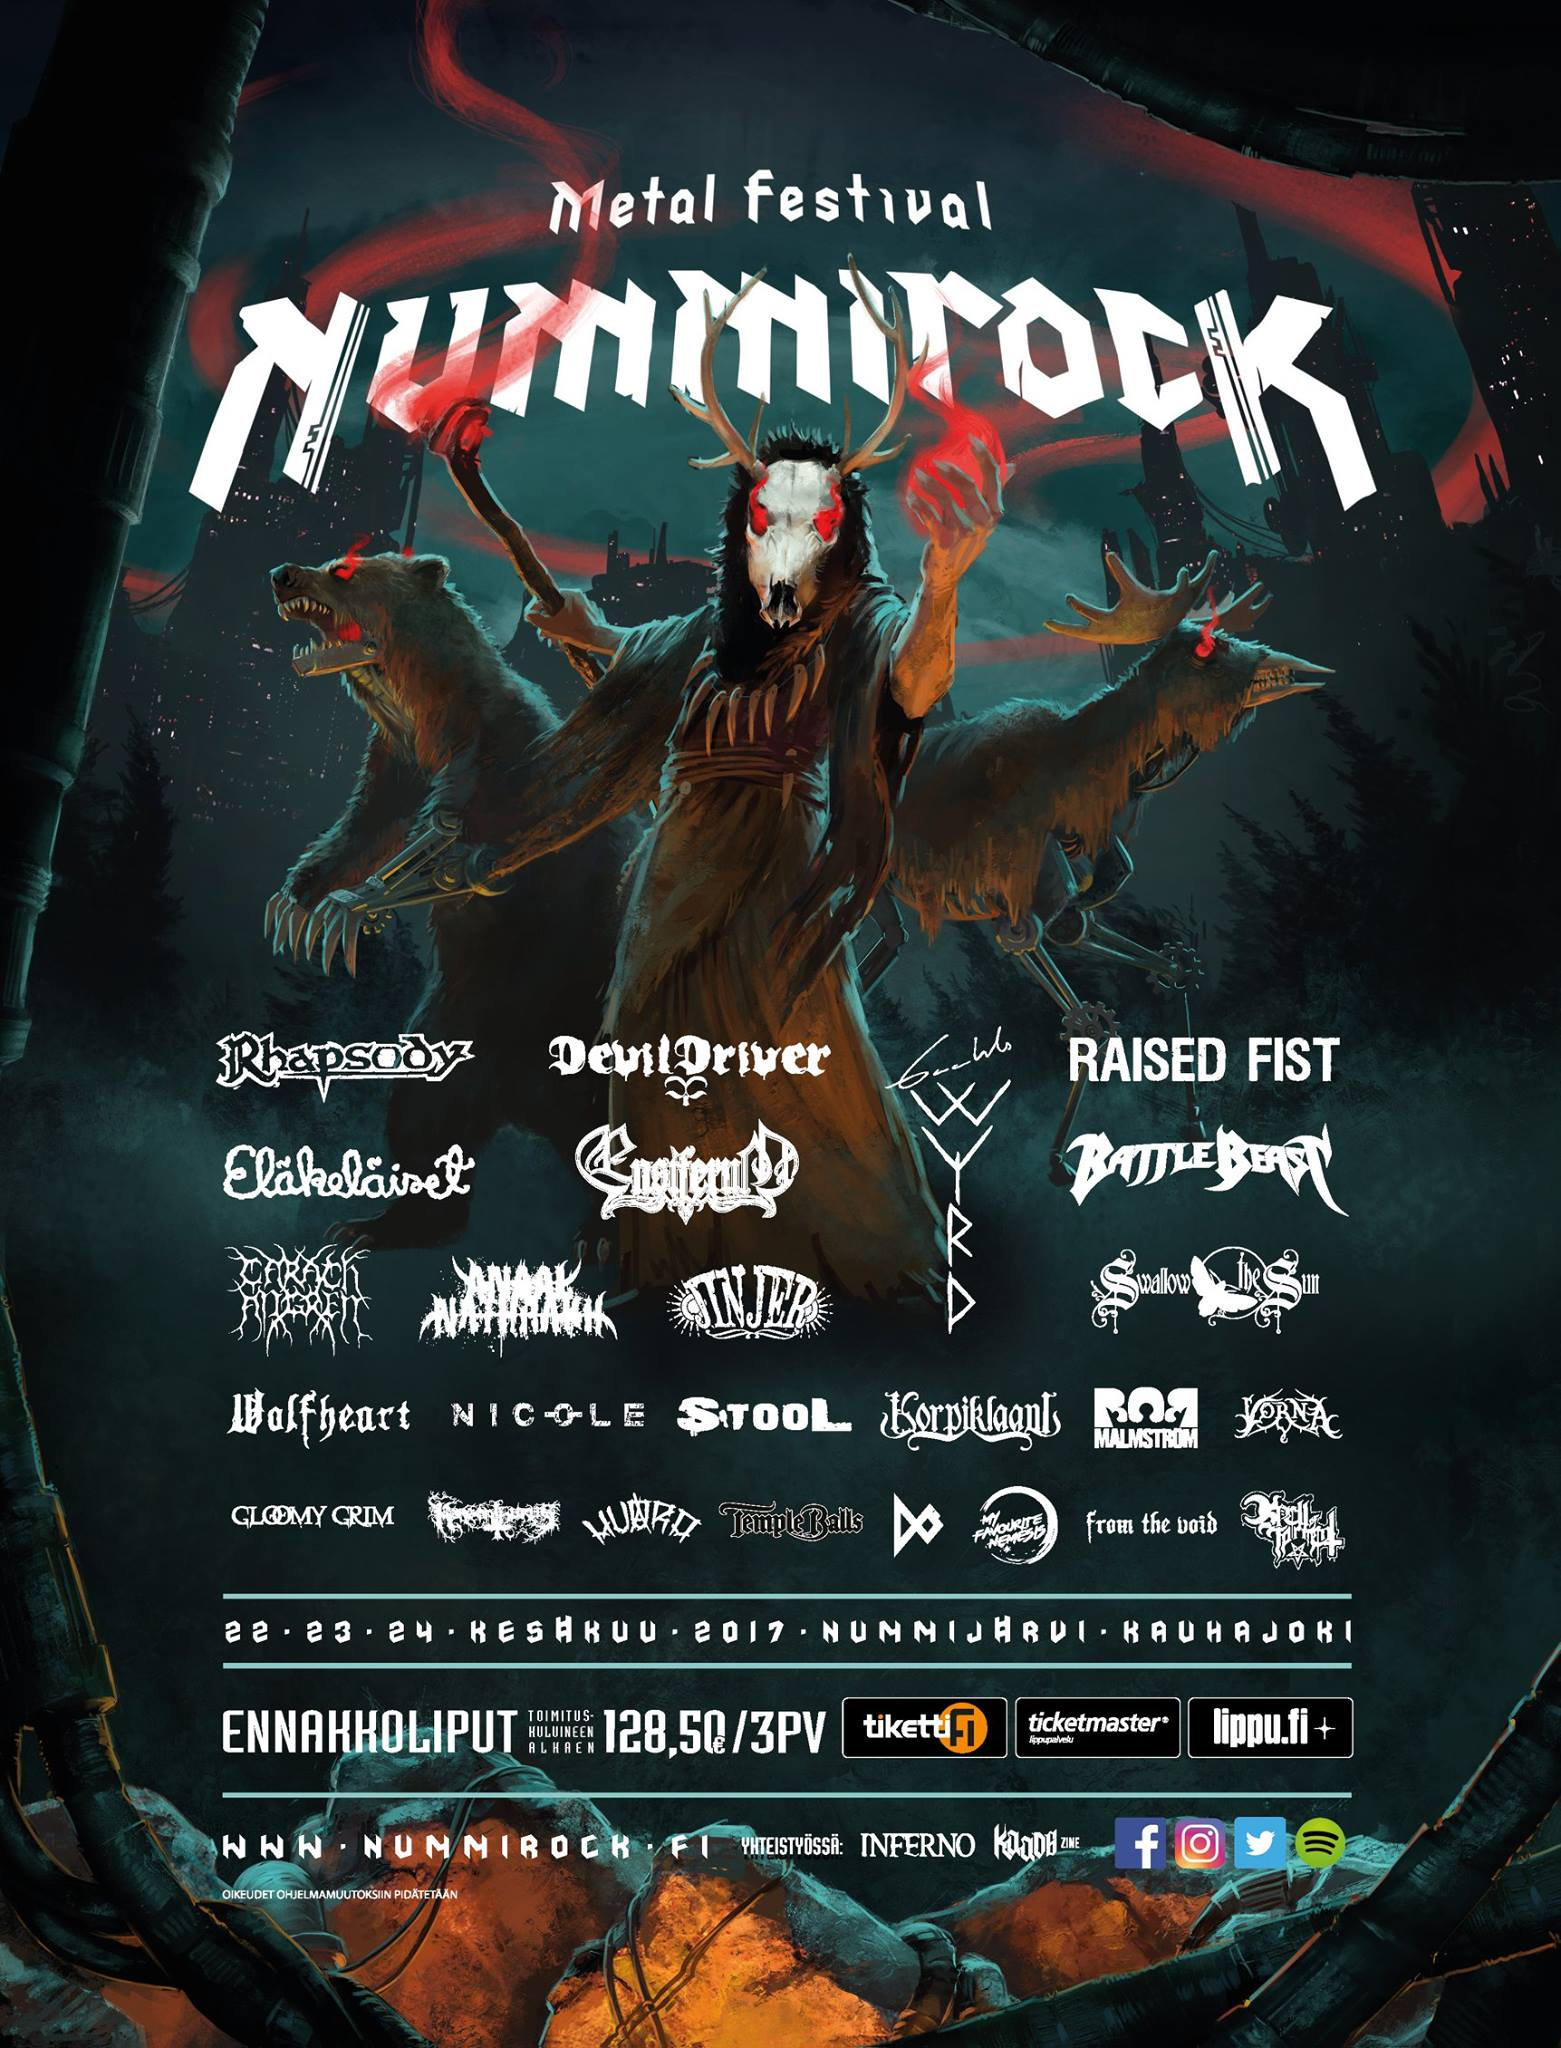 Nummirock 2017